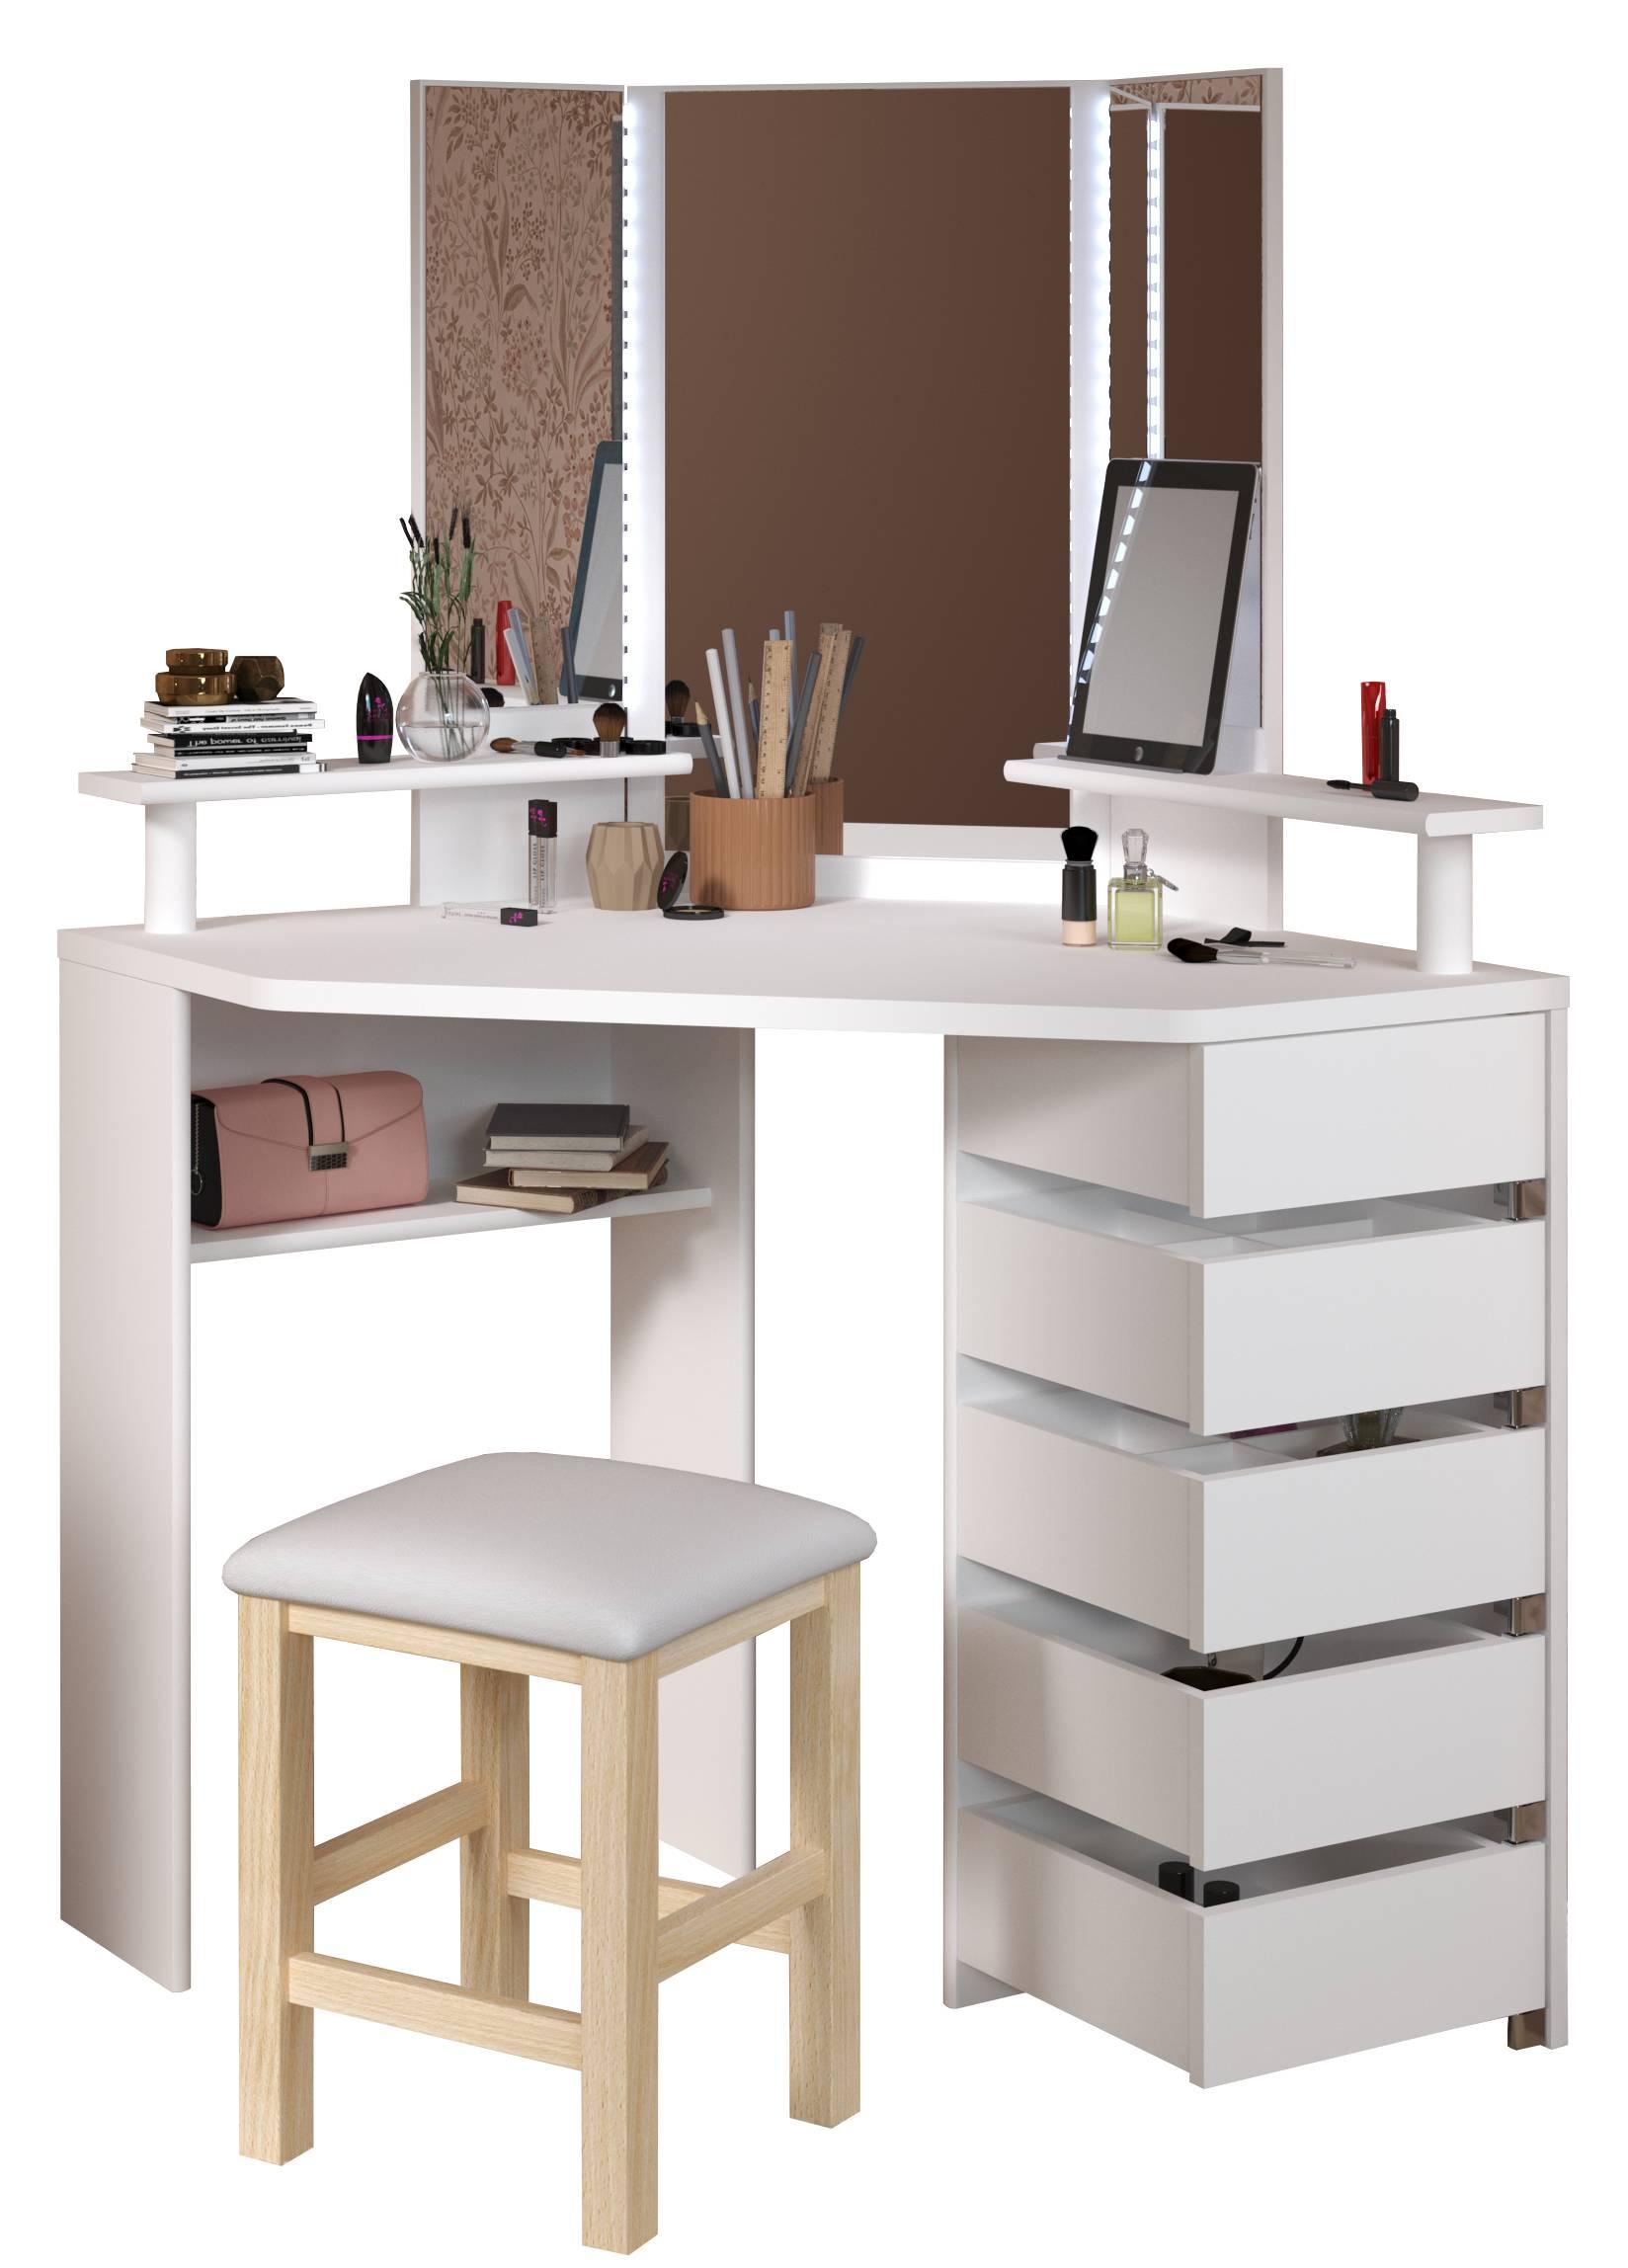 Γωνιακή Τουαλέτα Beauty με Καθρέπτη-Λευκό